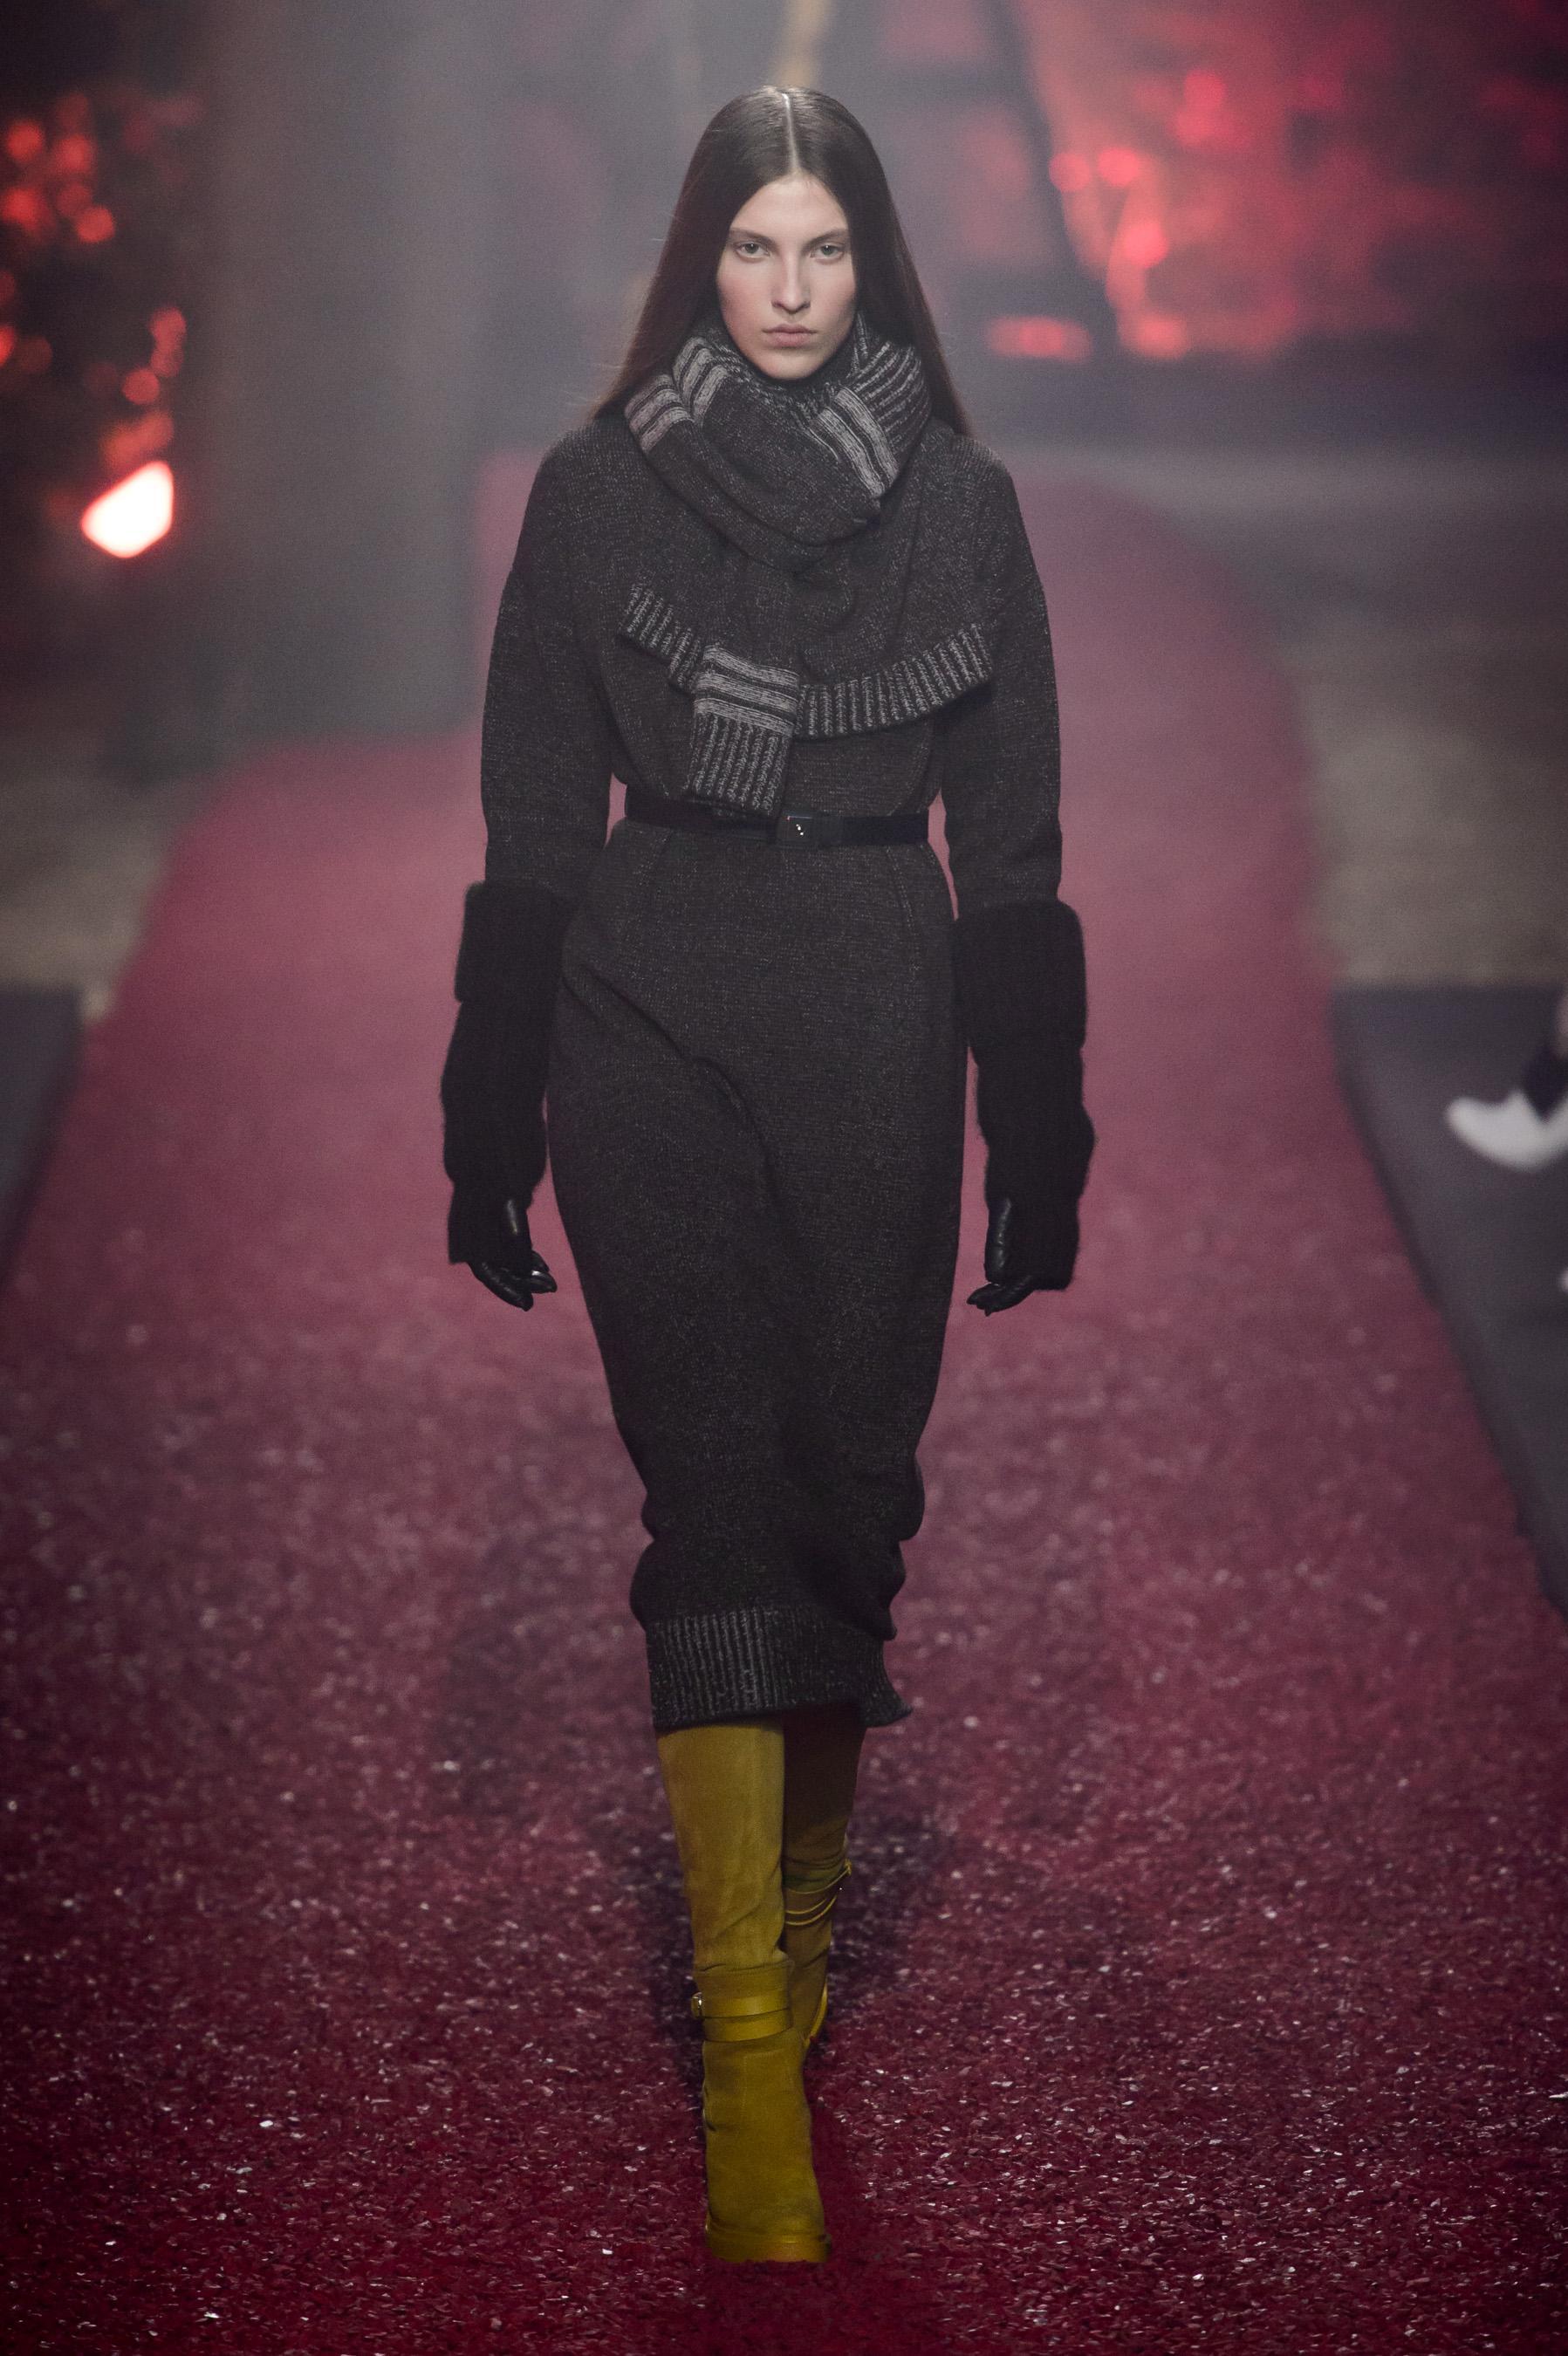 Défilé Hermès automne-hiver 2018-2019 Prêt-à-porter - Madame Figaro 95fc56a8d7b4